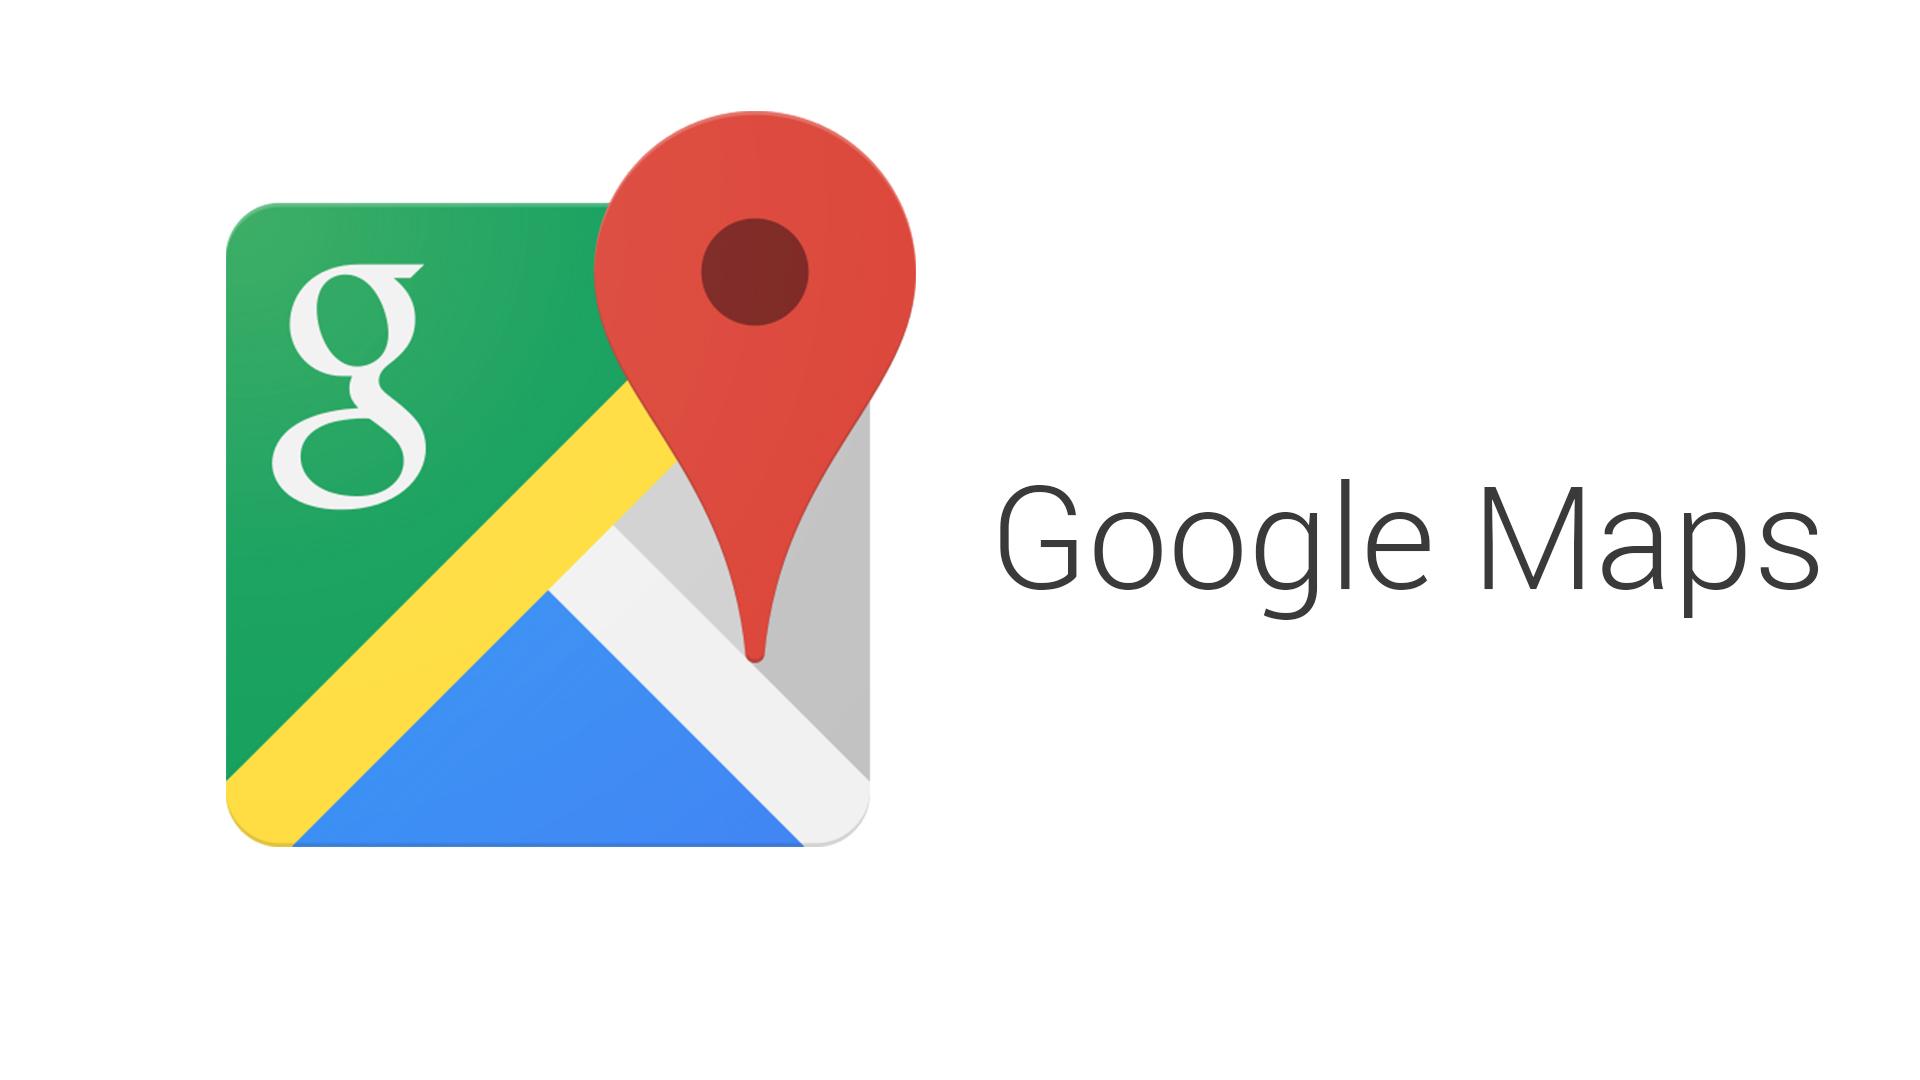 google maps permite navegar con gps sin conexin a internet tecnologa biobiochile